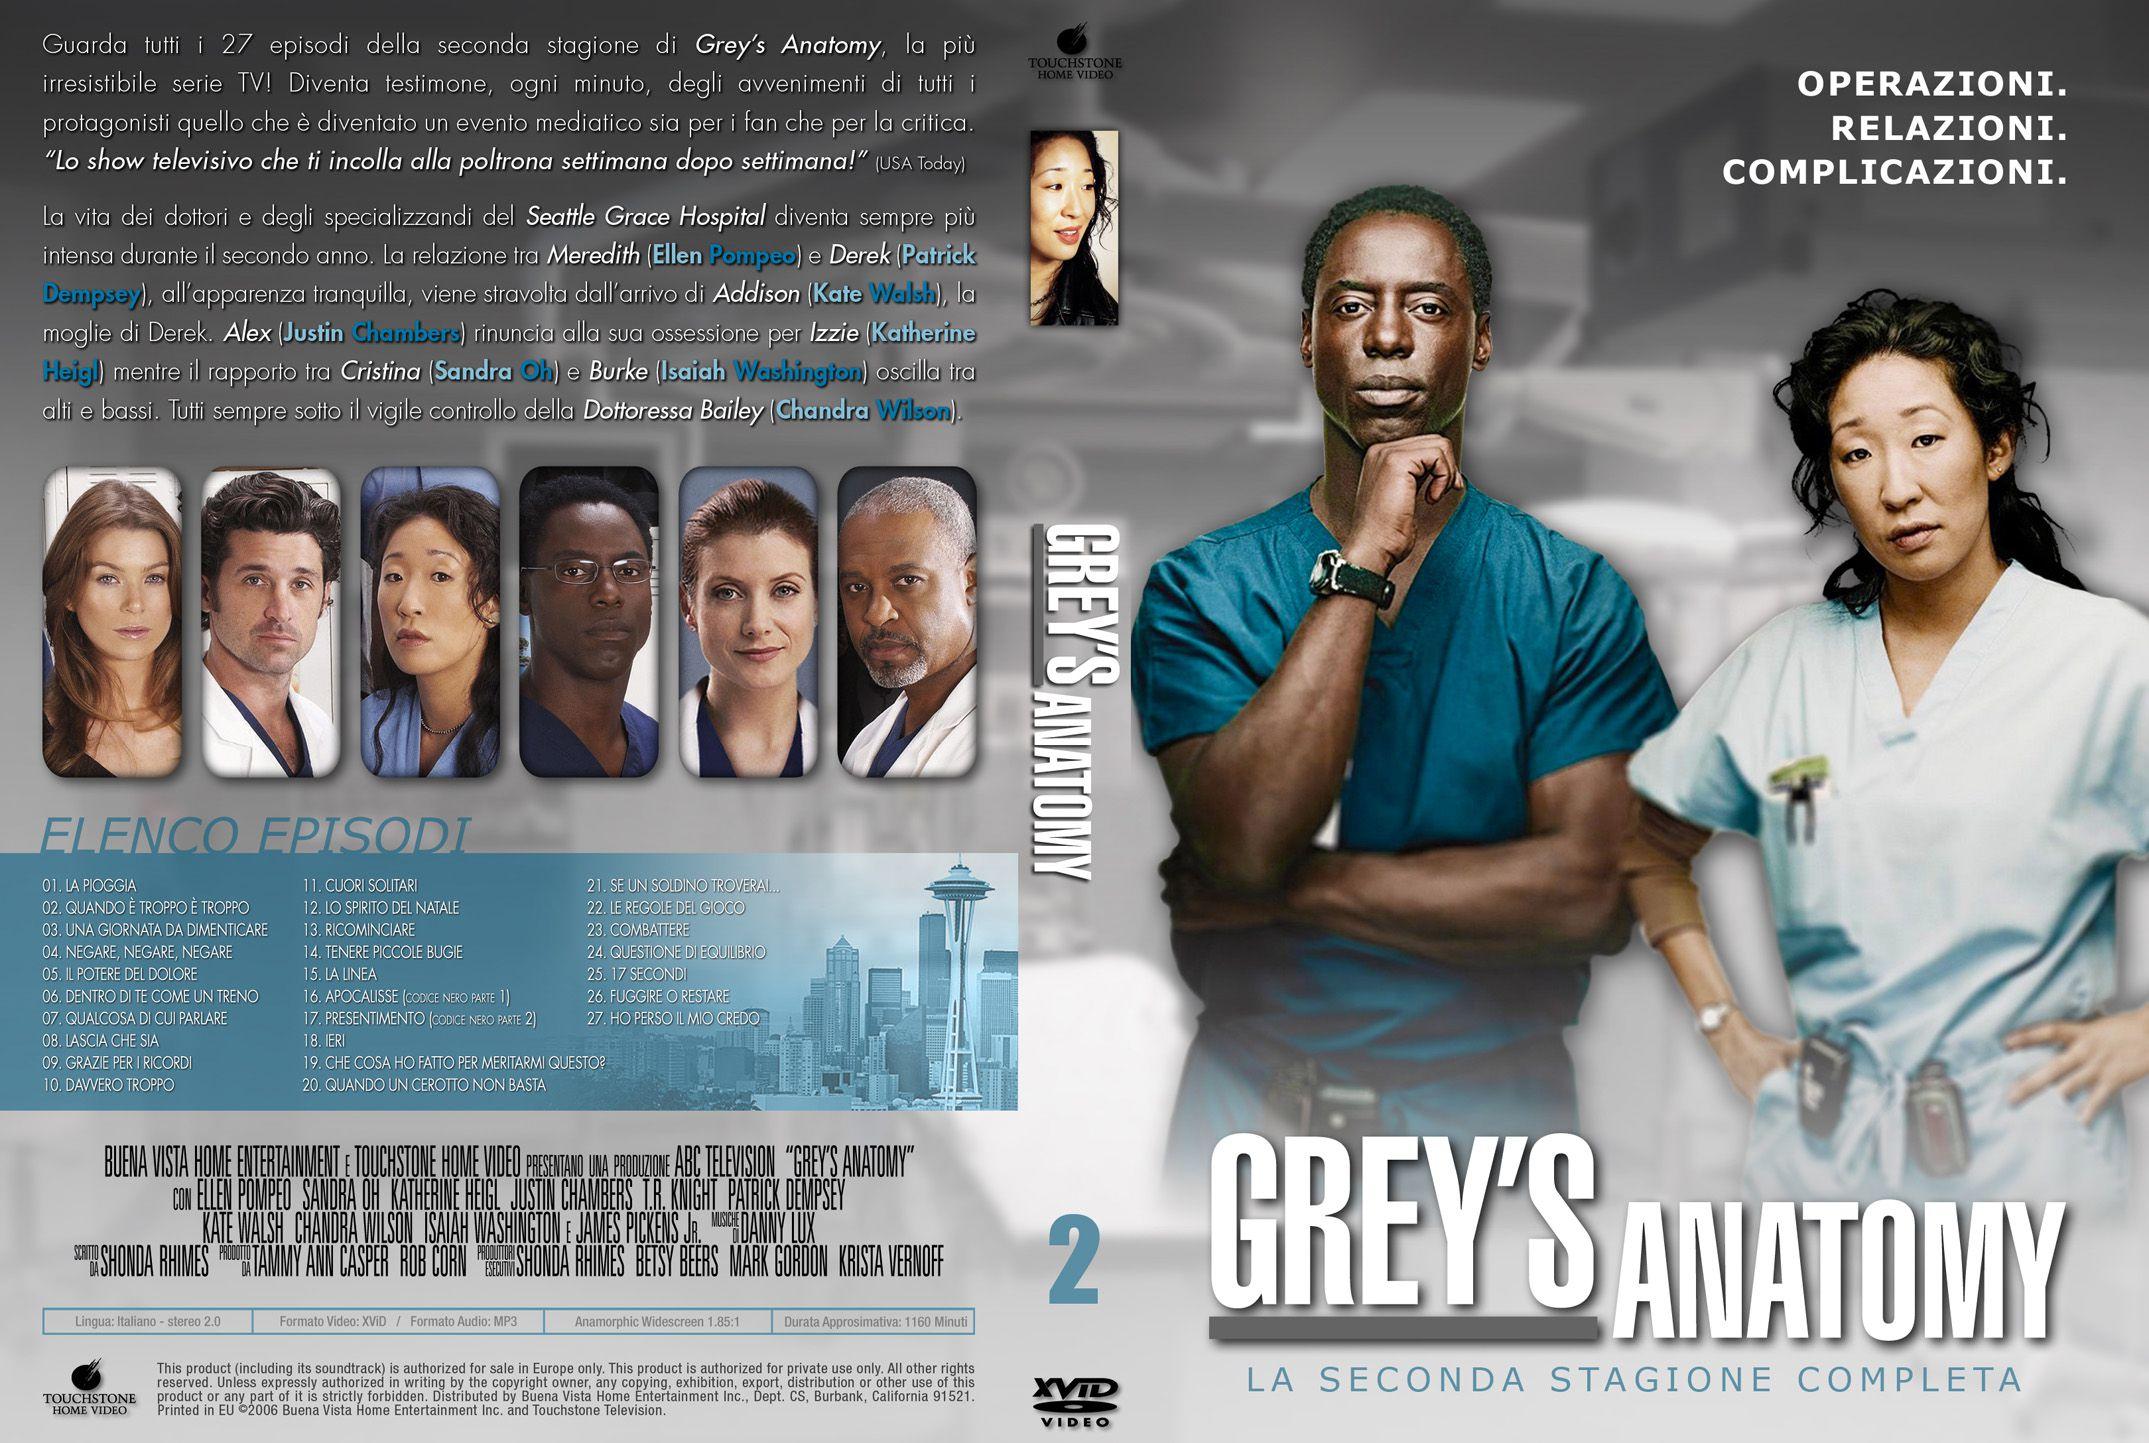 Grey\'s Anatomy Season Two Synopsis